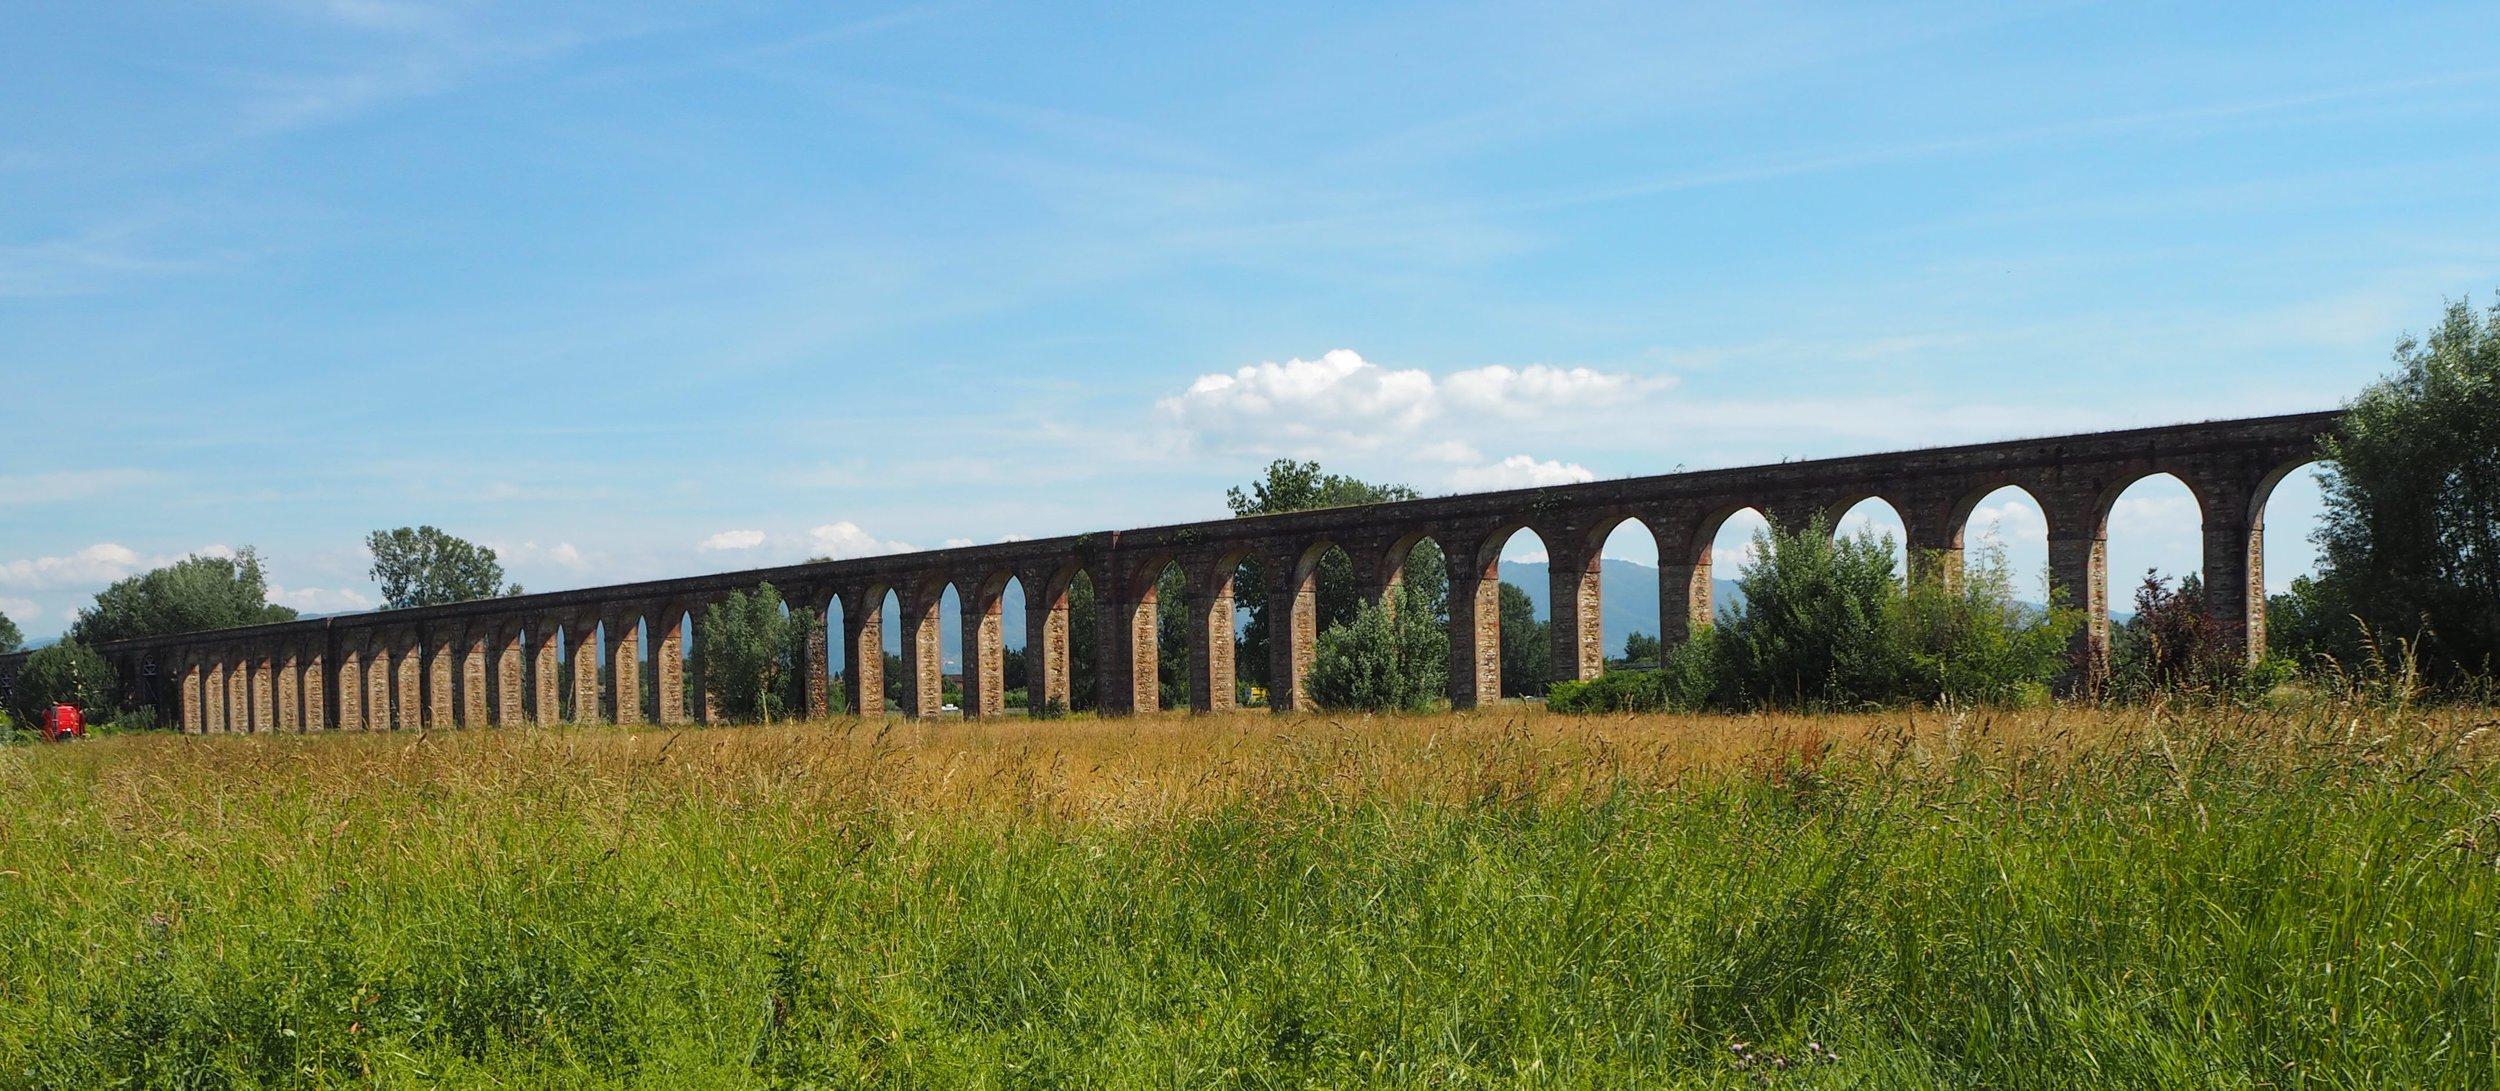 Aqueduct of Nottolini near Lucca